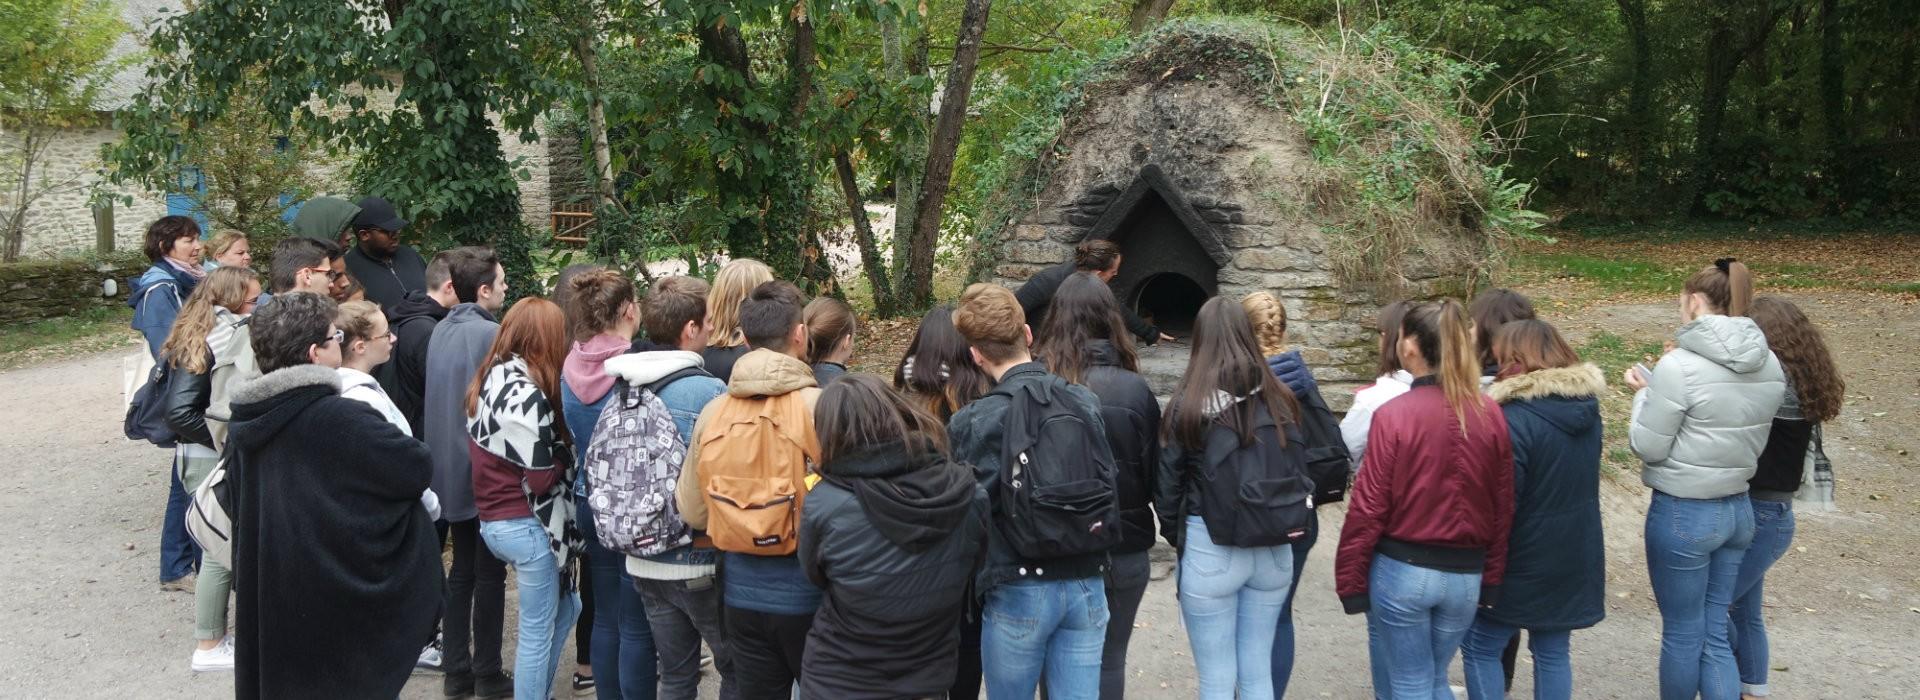 visites-scolaires-office-de-tourisme-la-baule-presqu-ile-de-guerande-11-2-15546